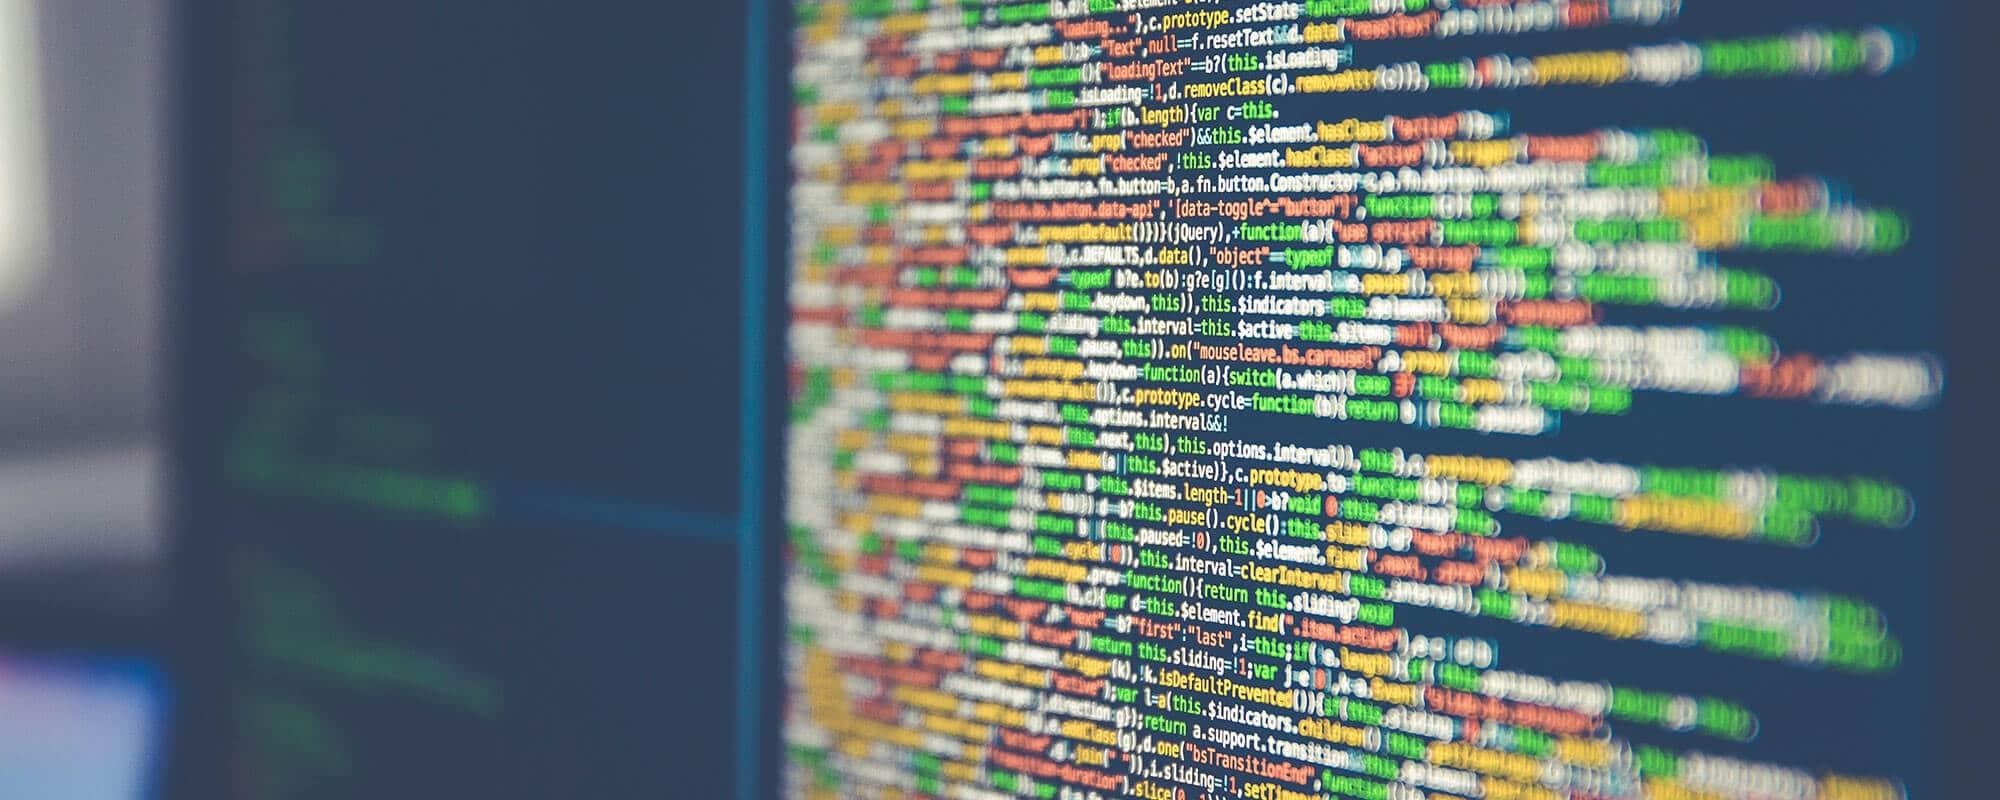 code developpement 2 - Apprendre à coder en s'amusant avec CodeCombat